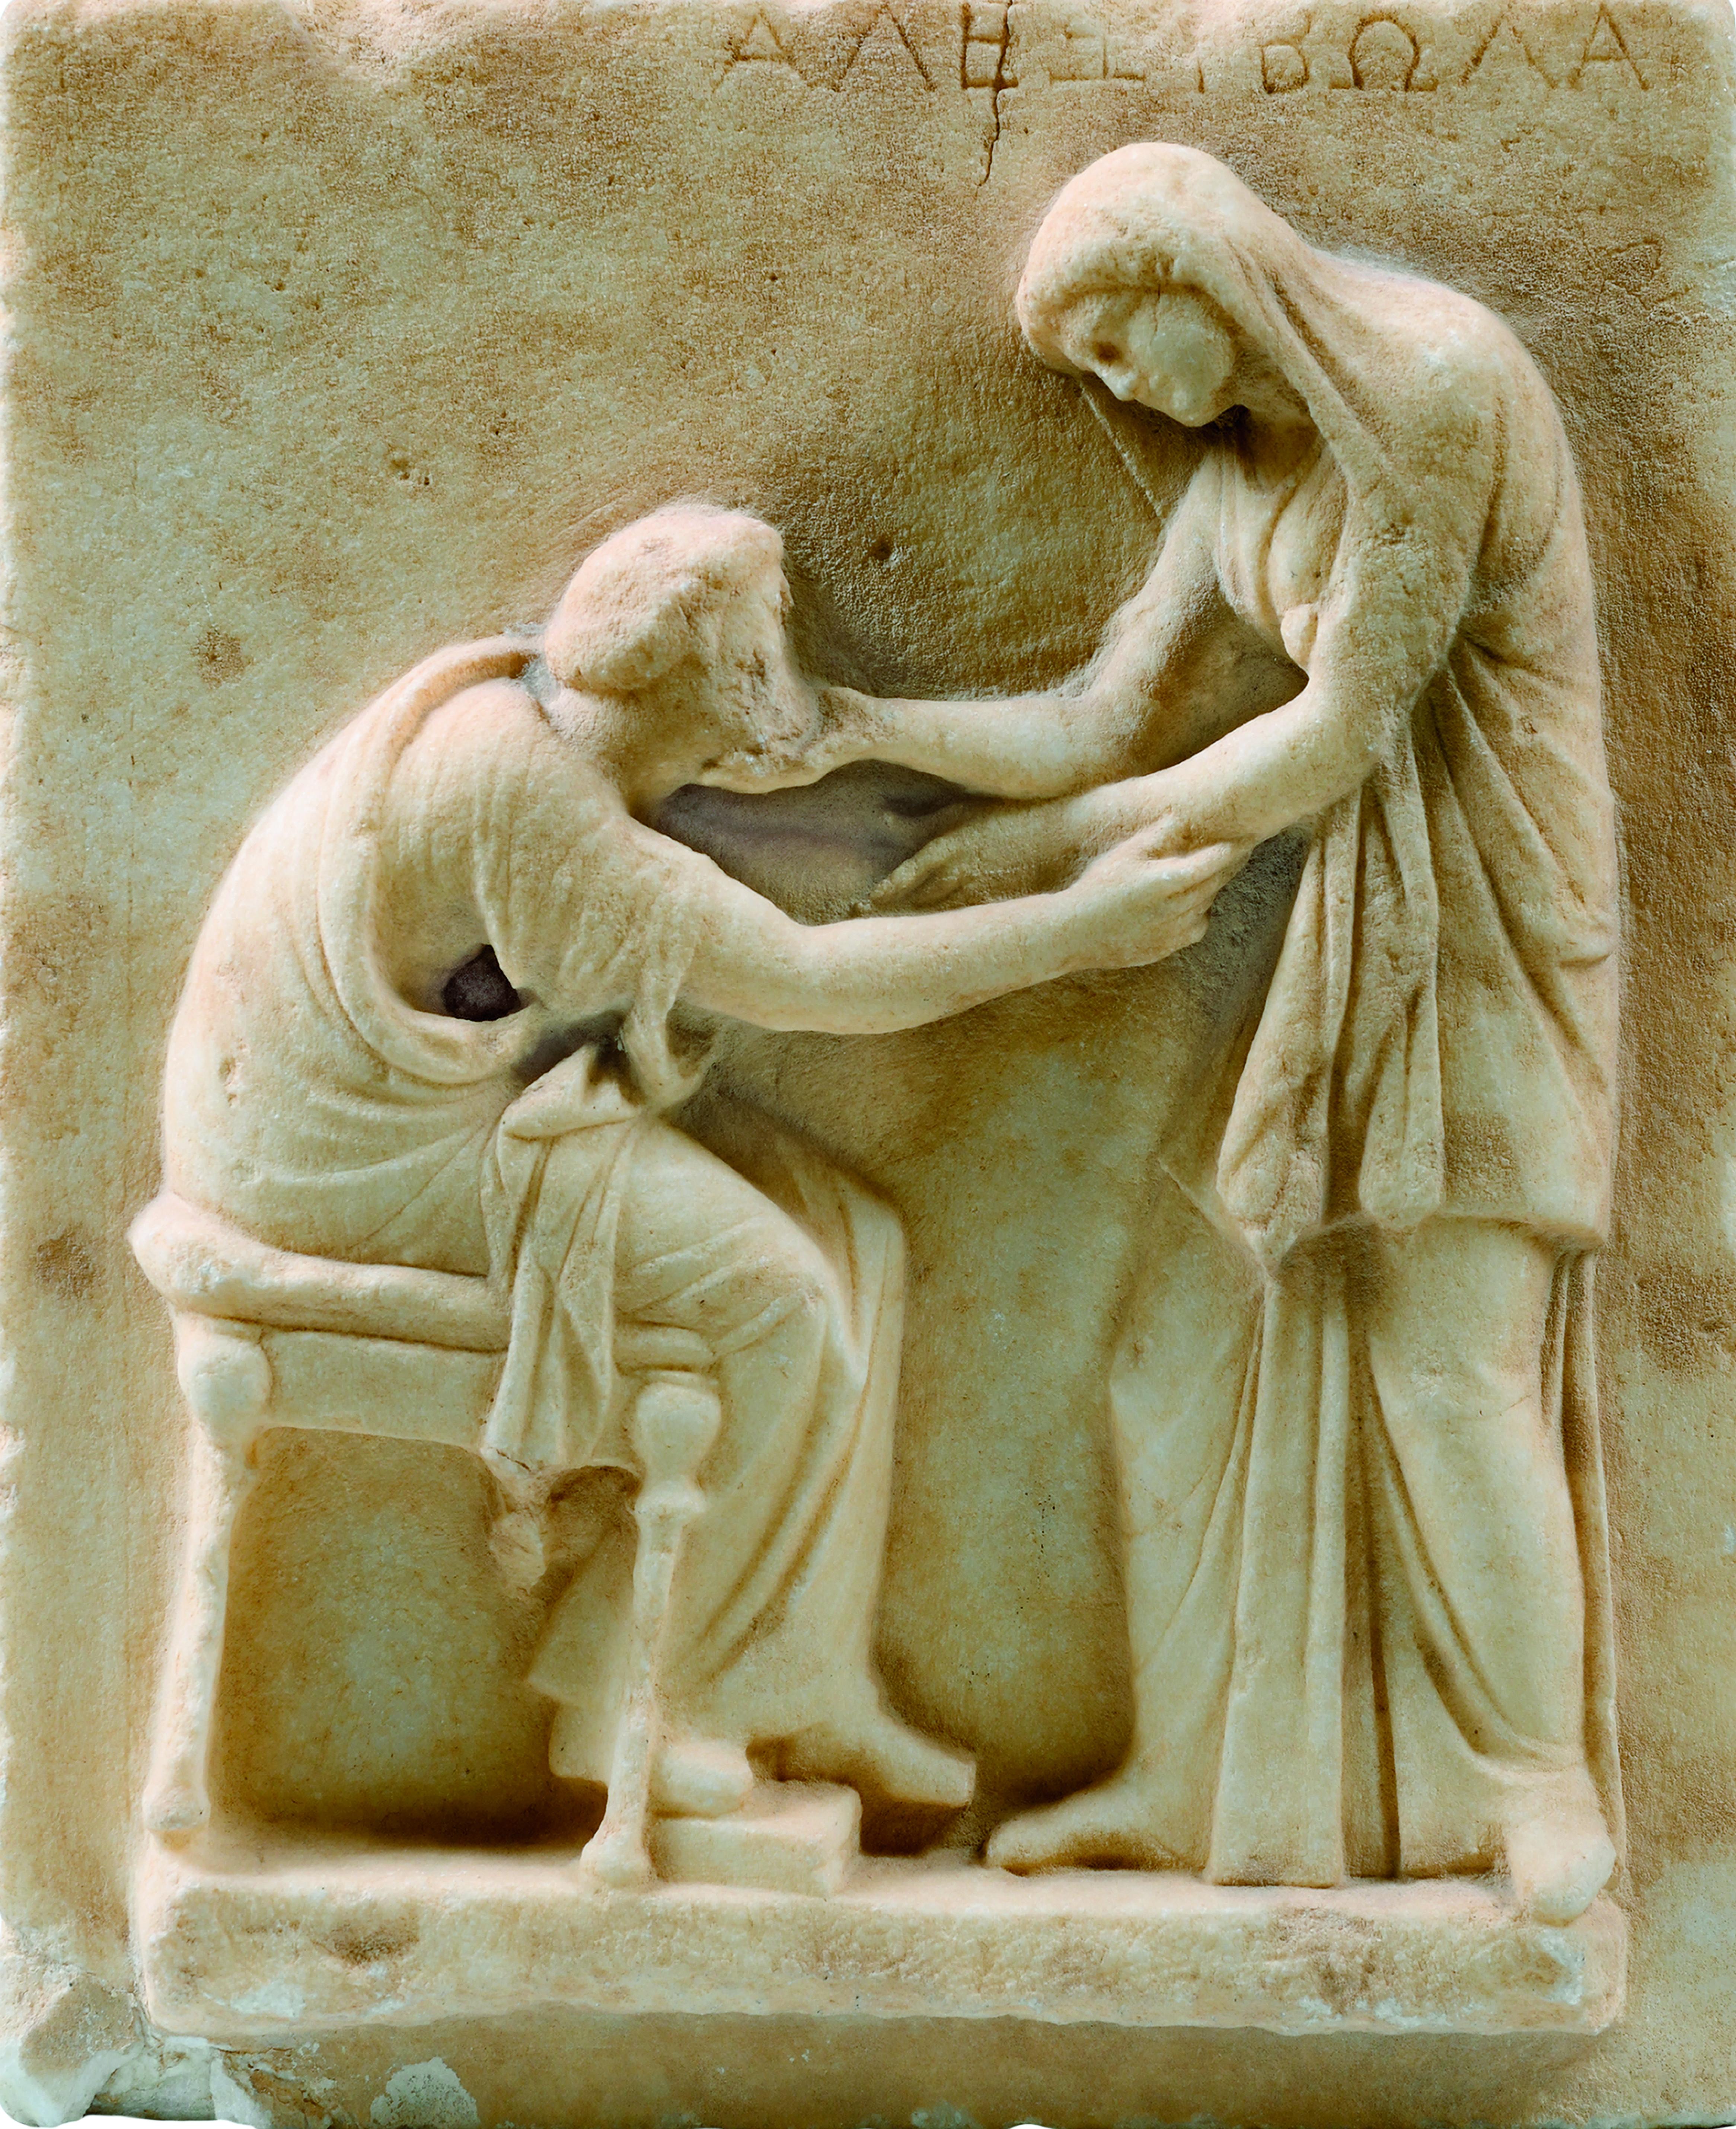 Επιτύμβια στήλη με σκηνή αποχαιρετισμού Αρχές 3ου αι. π.Χ. - Αρχαιολογικό Μουσείο Θήρας